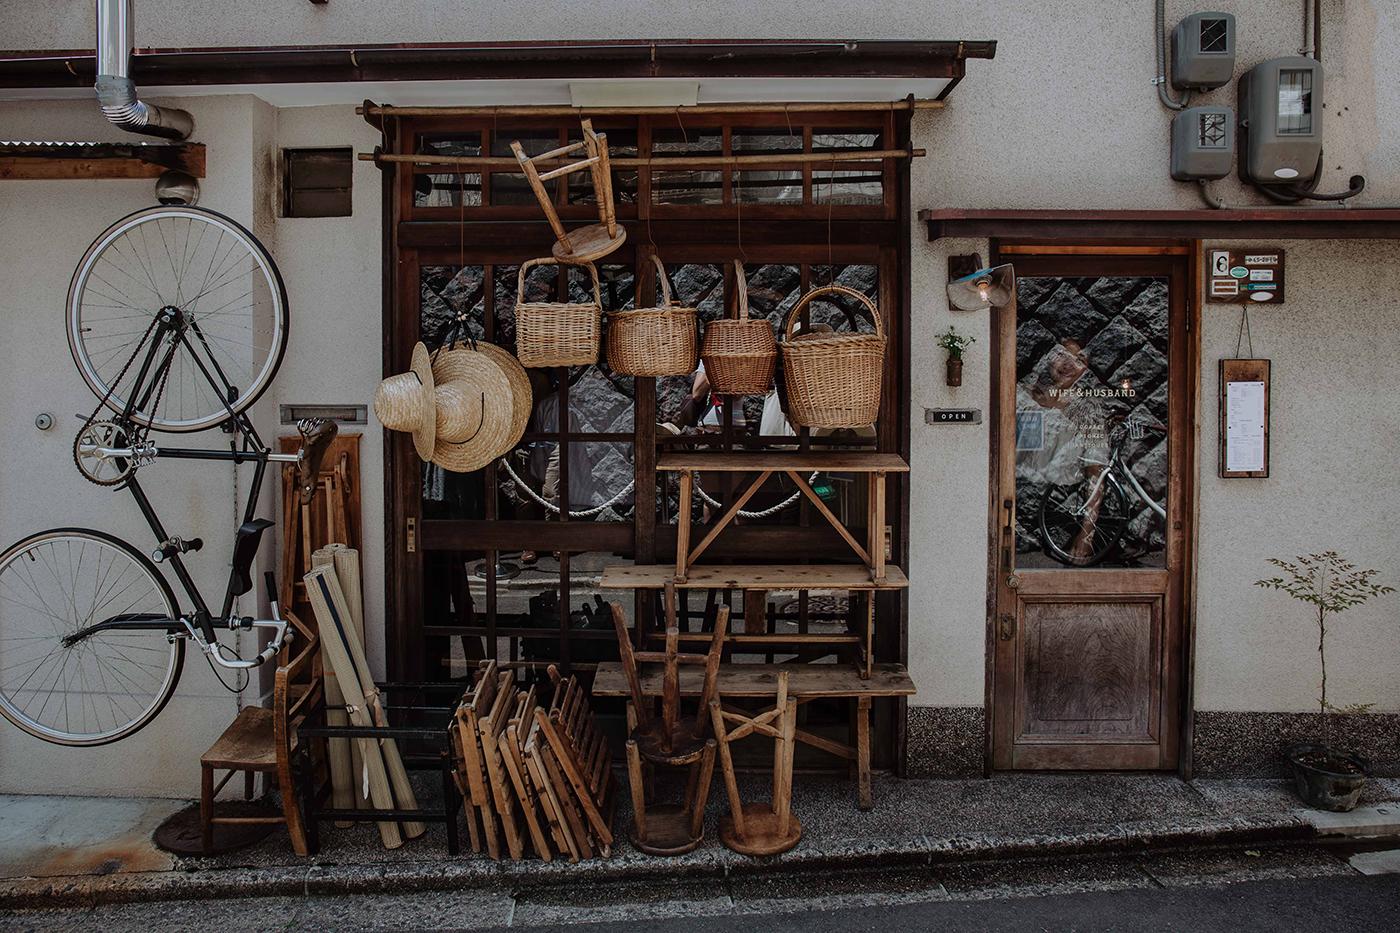 Wife & Husband cafe kyoto